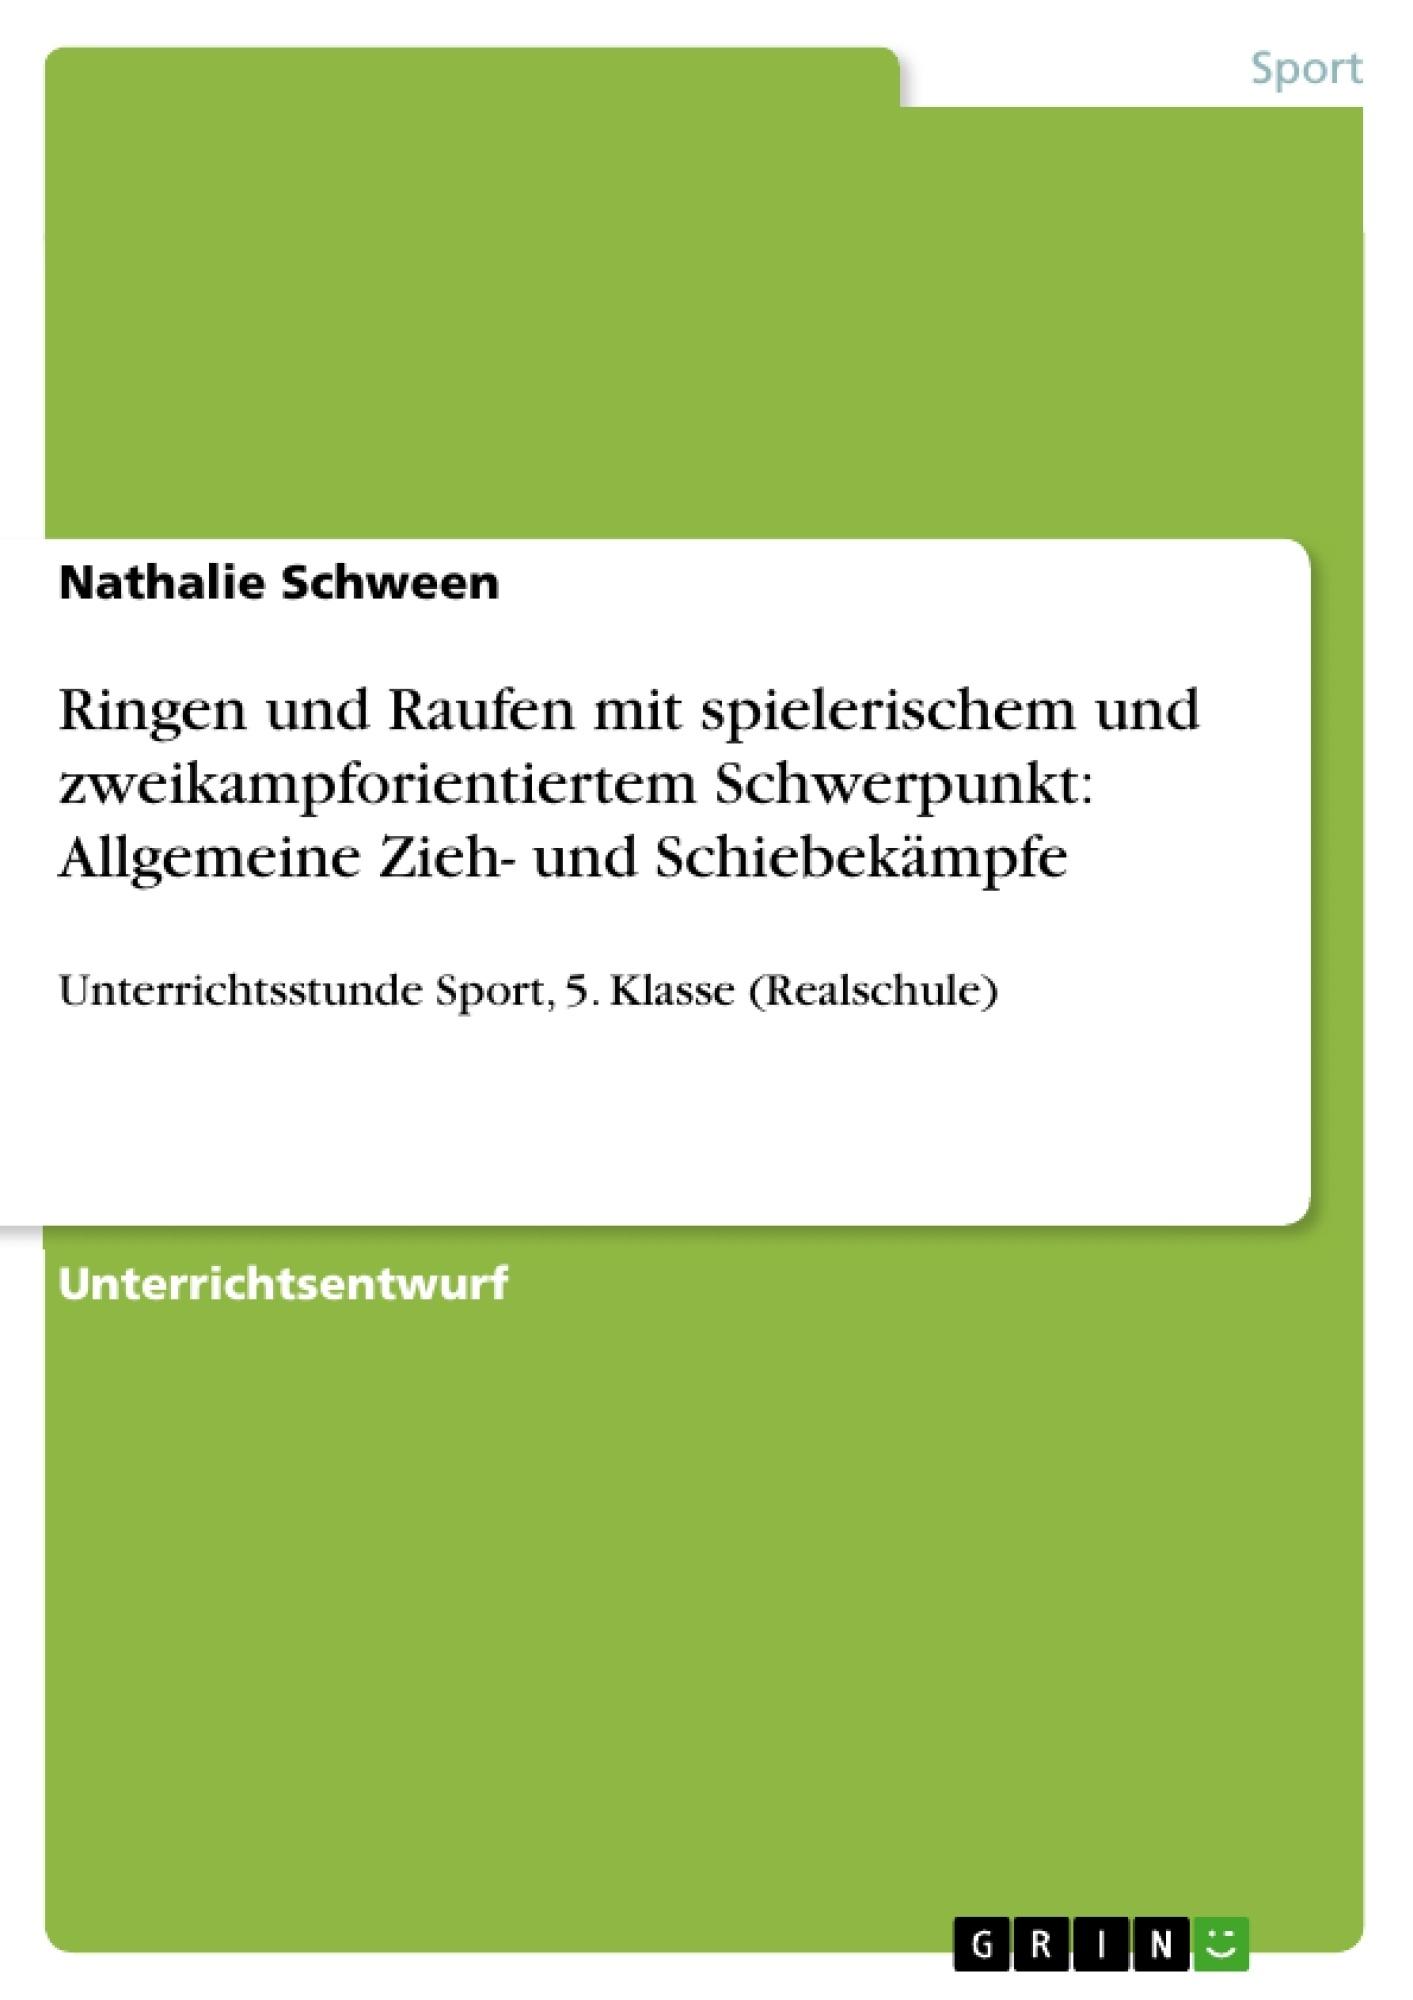 Titel: Ringen und Raufen mit spielerischem und zweikampforientiertem Schwerpunkt: Allgemeine Zieh- und Schiebekämpfe